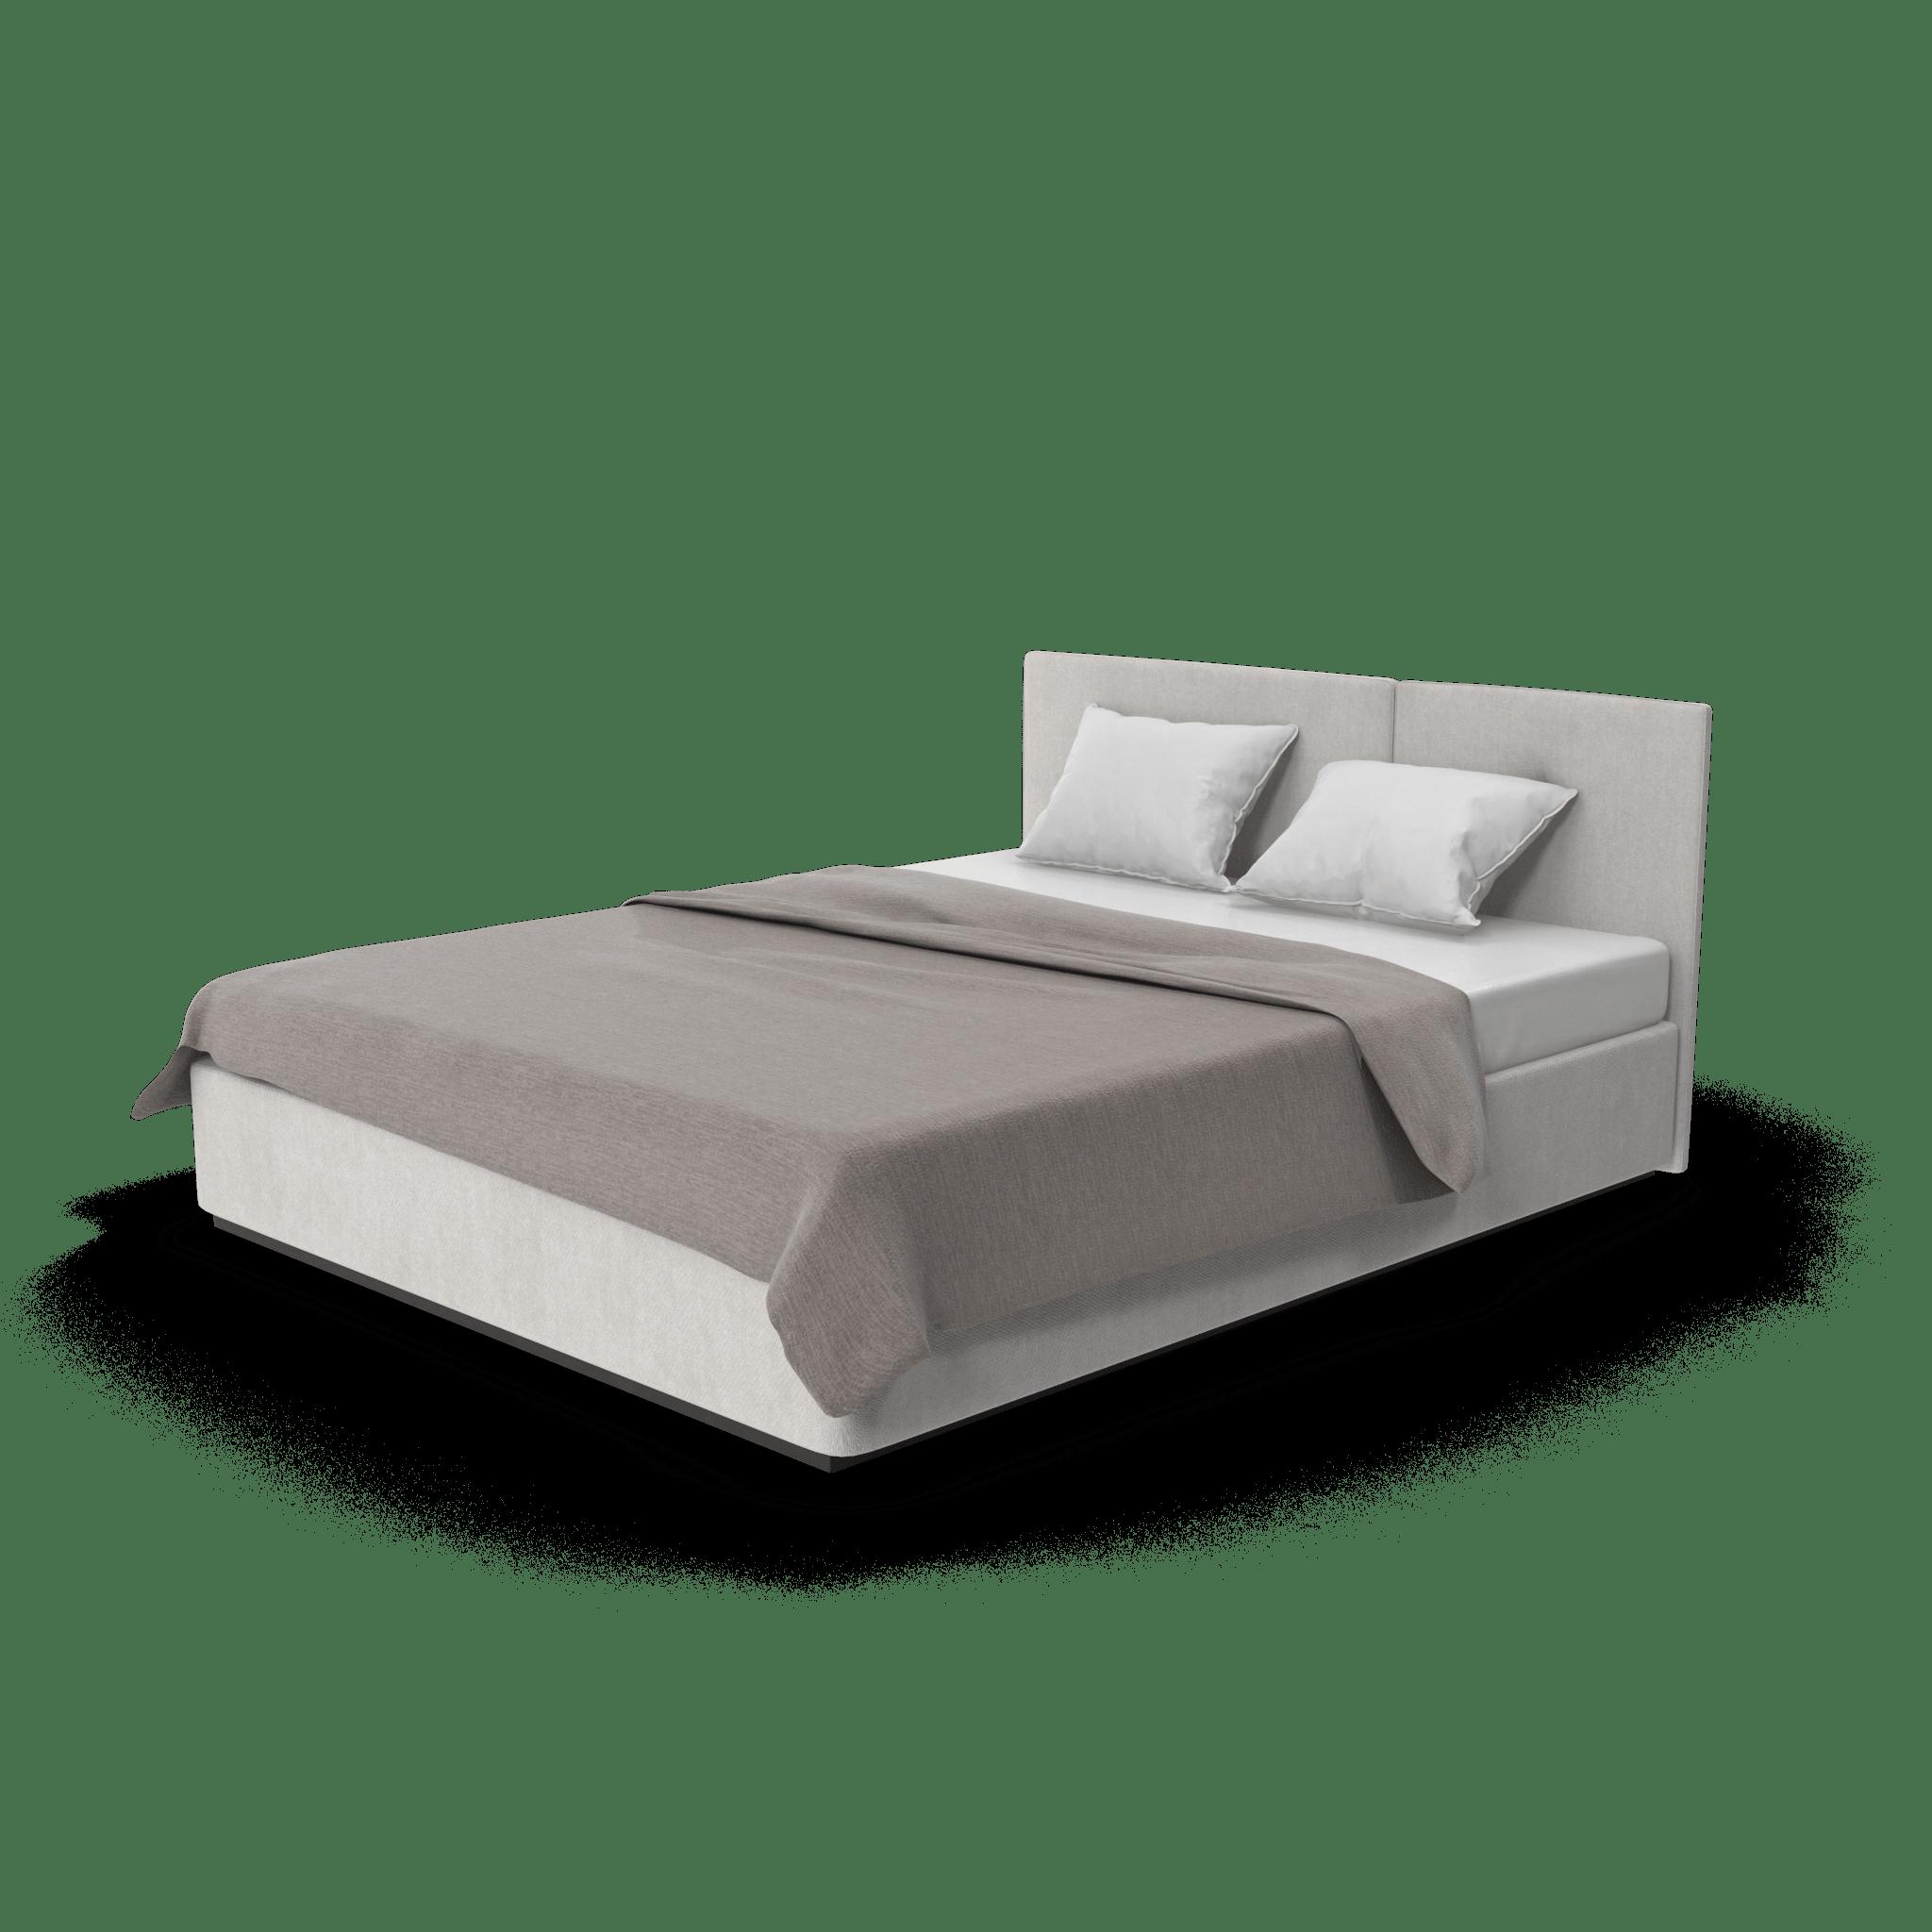 Bed.H03.2k (1)-min